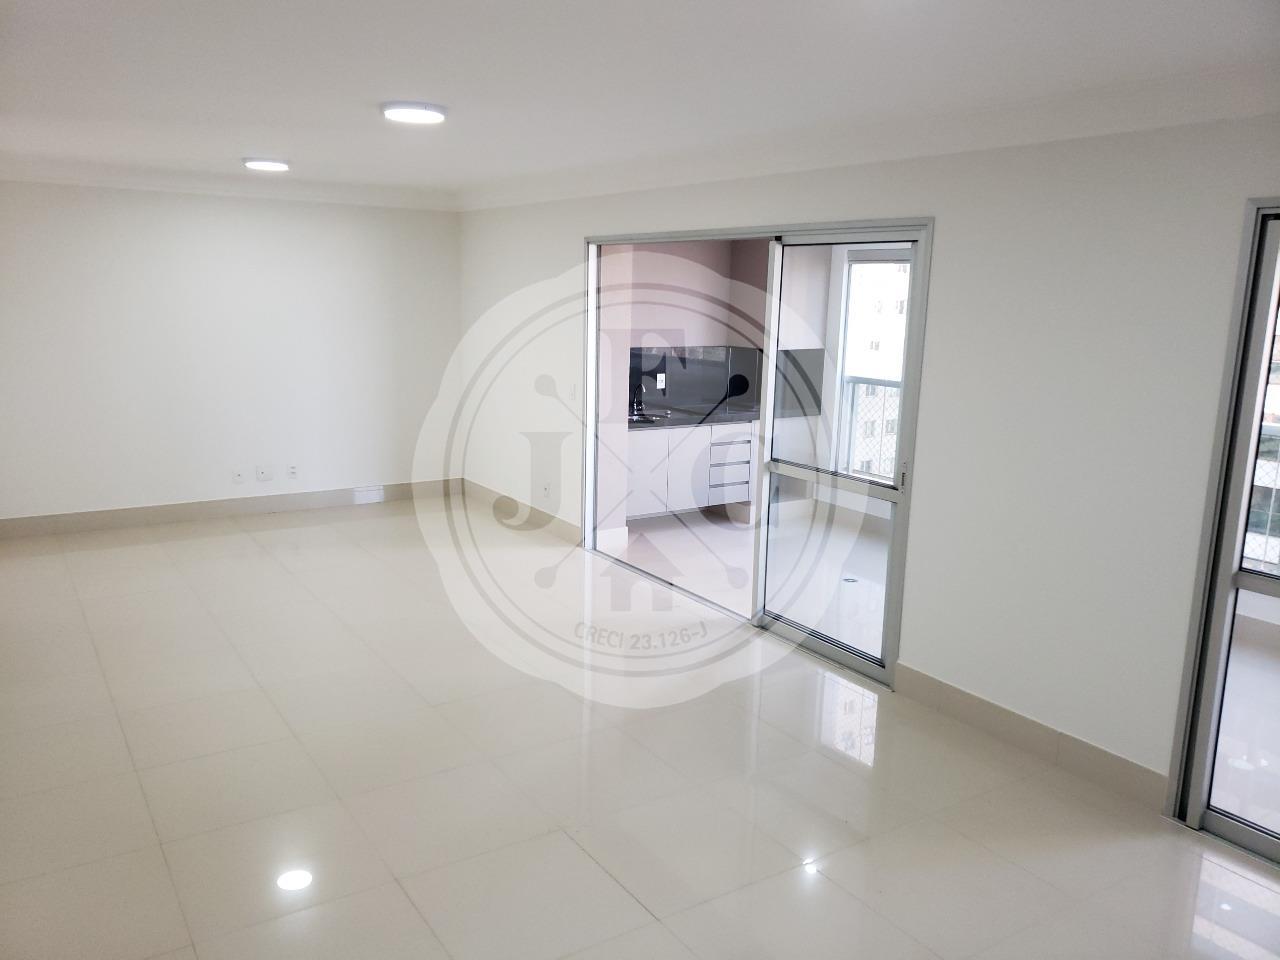 Apartamento para aluguel no Bosque das Juritis: sala